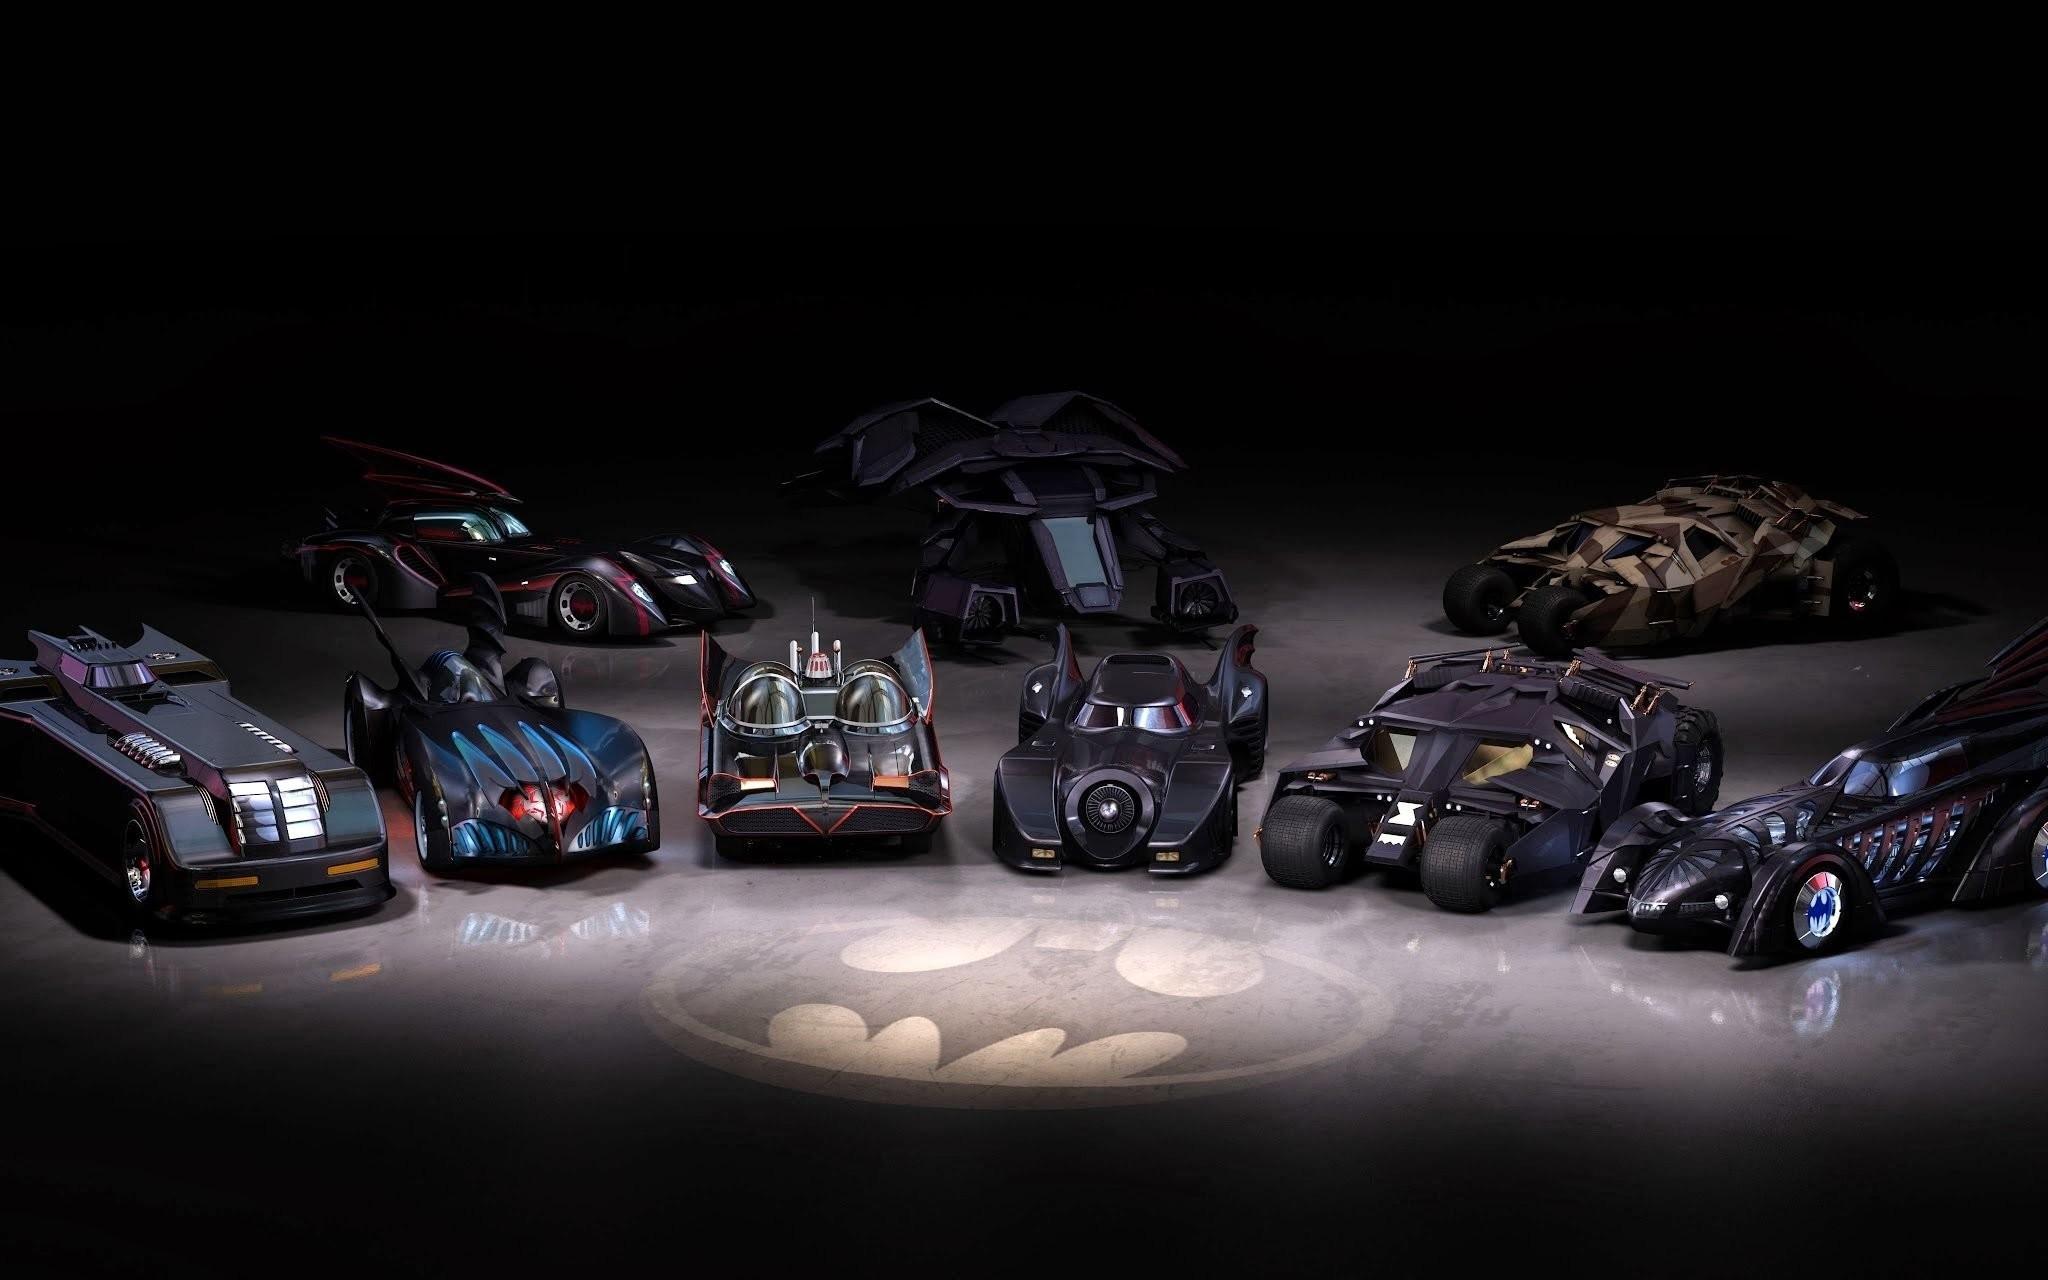 digital art, supercars, car, Batmobile, Batman Begins, Bat signal –  wallpaper #117248 (2048x1280px) on Wallls.com